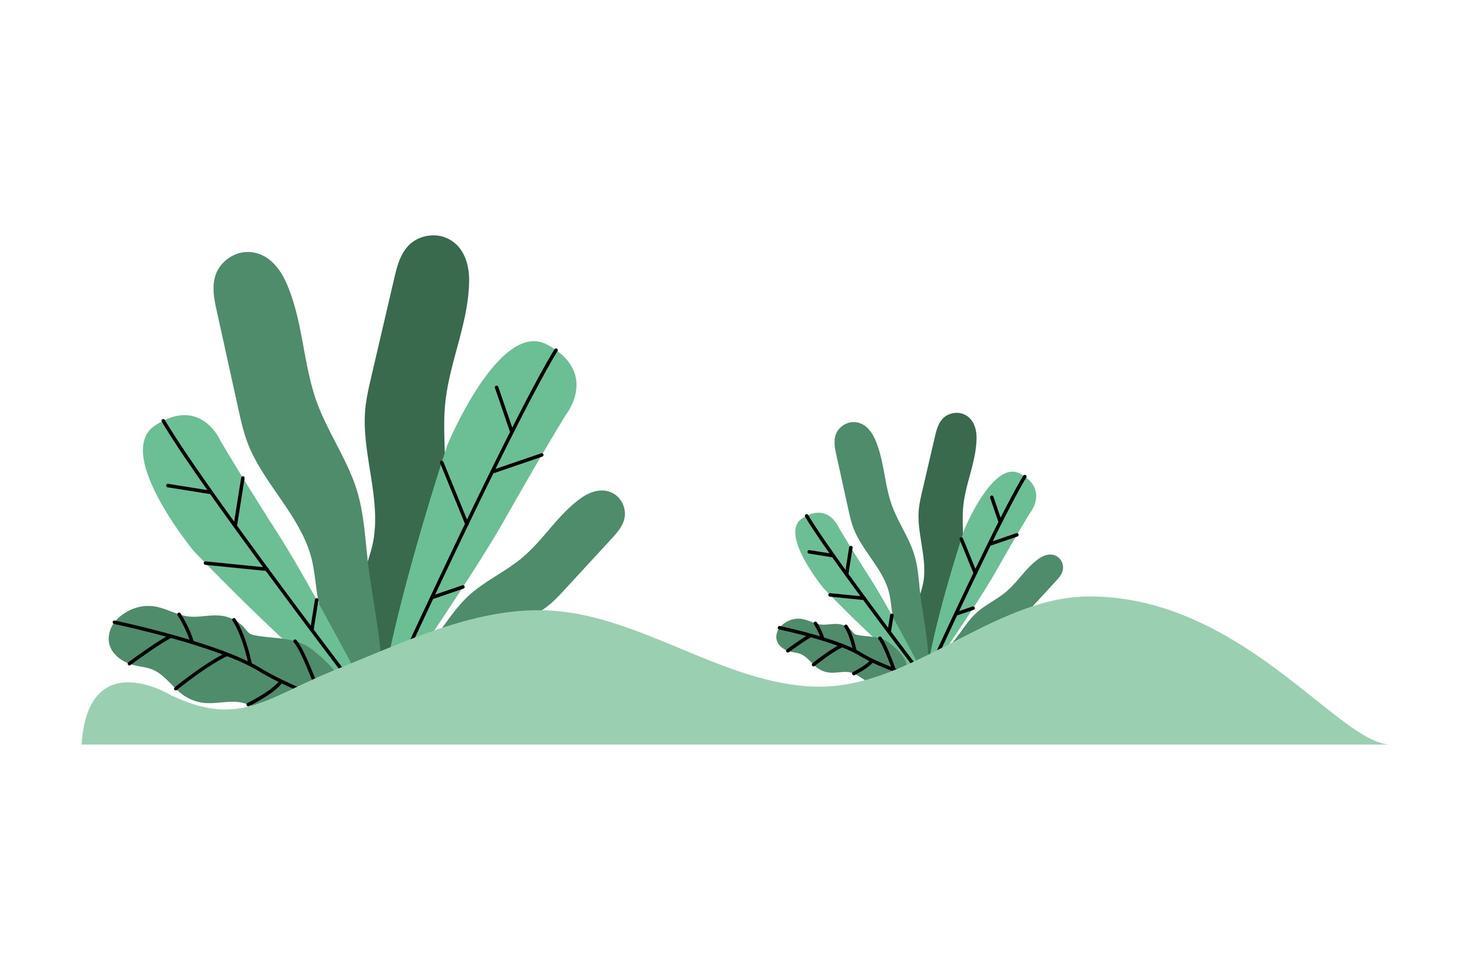 geïsoleerde groene bladeren pictogram vector ontwerp